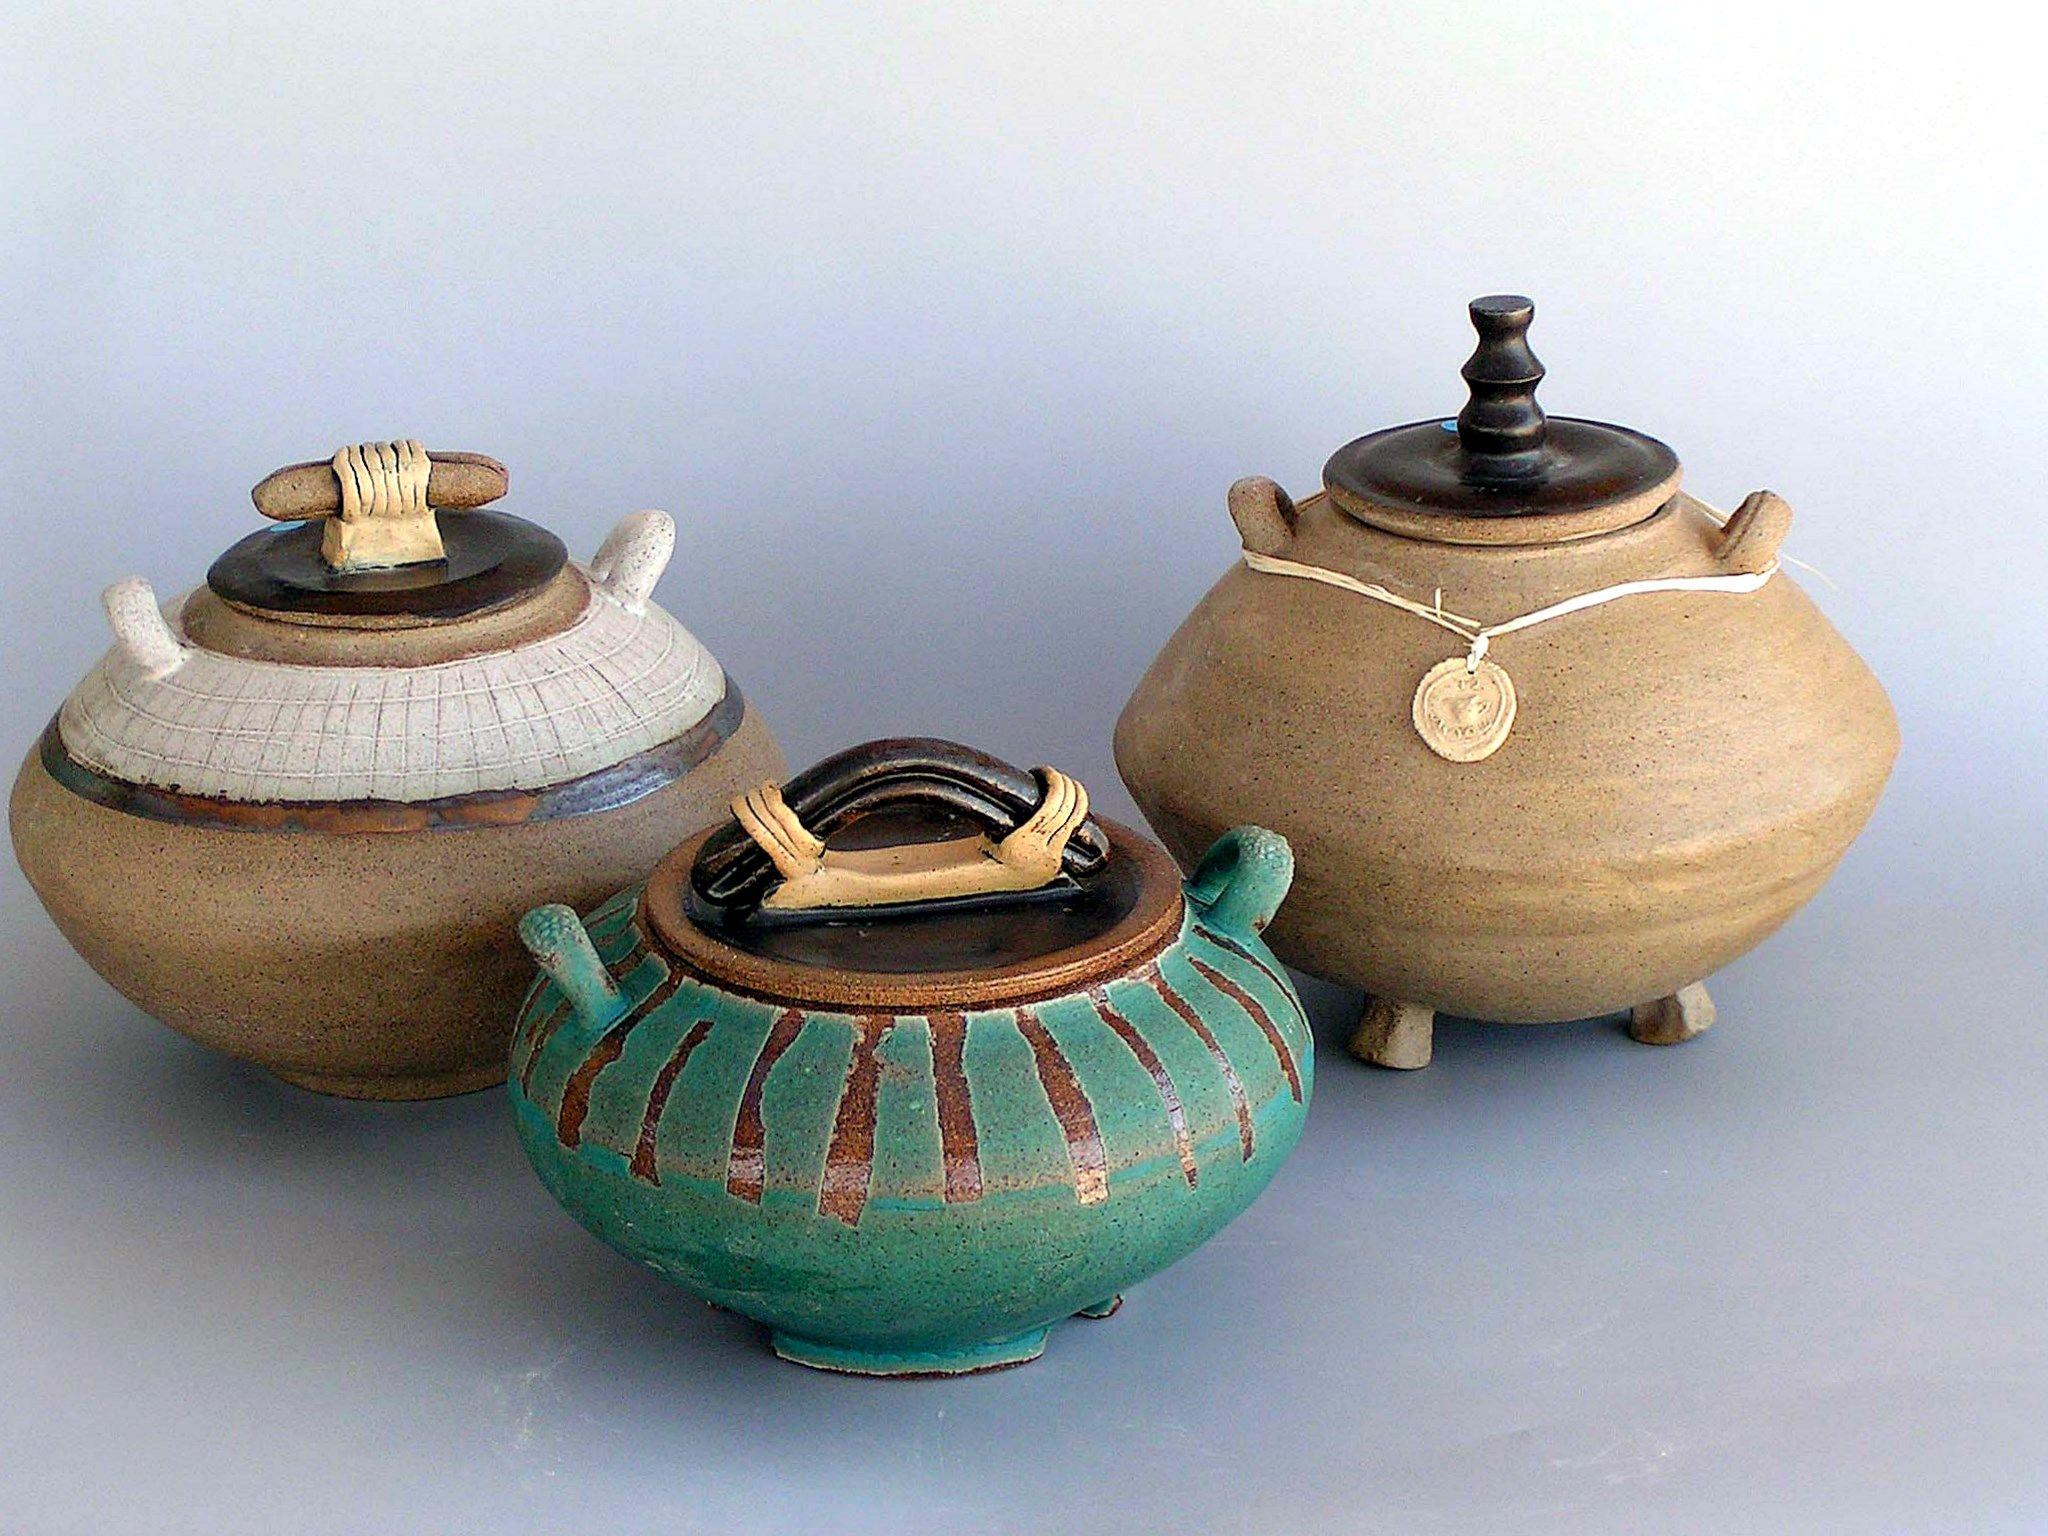 3 crock pots